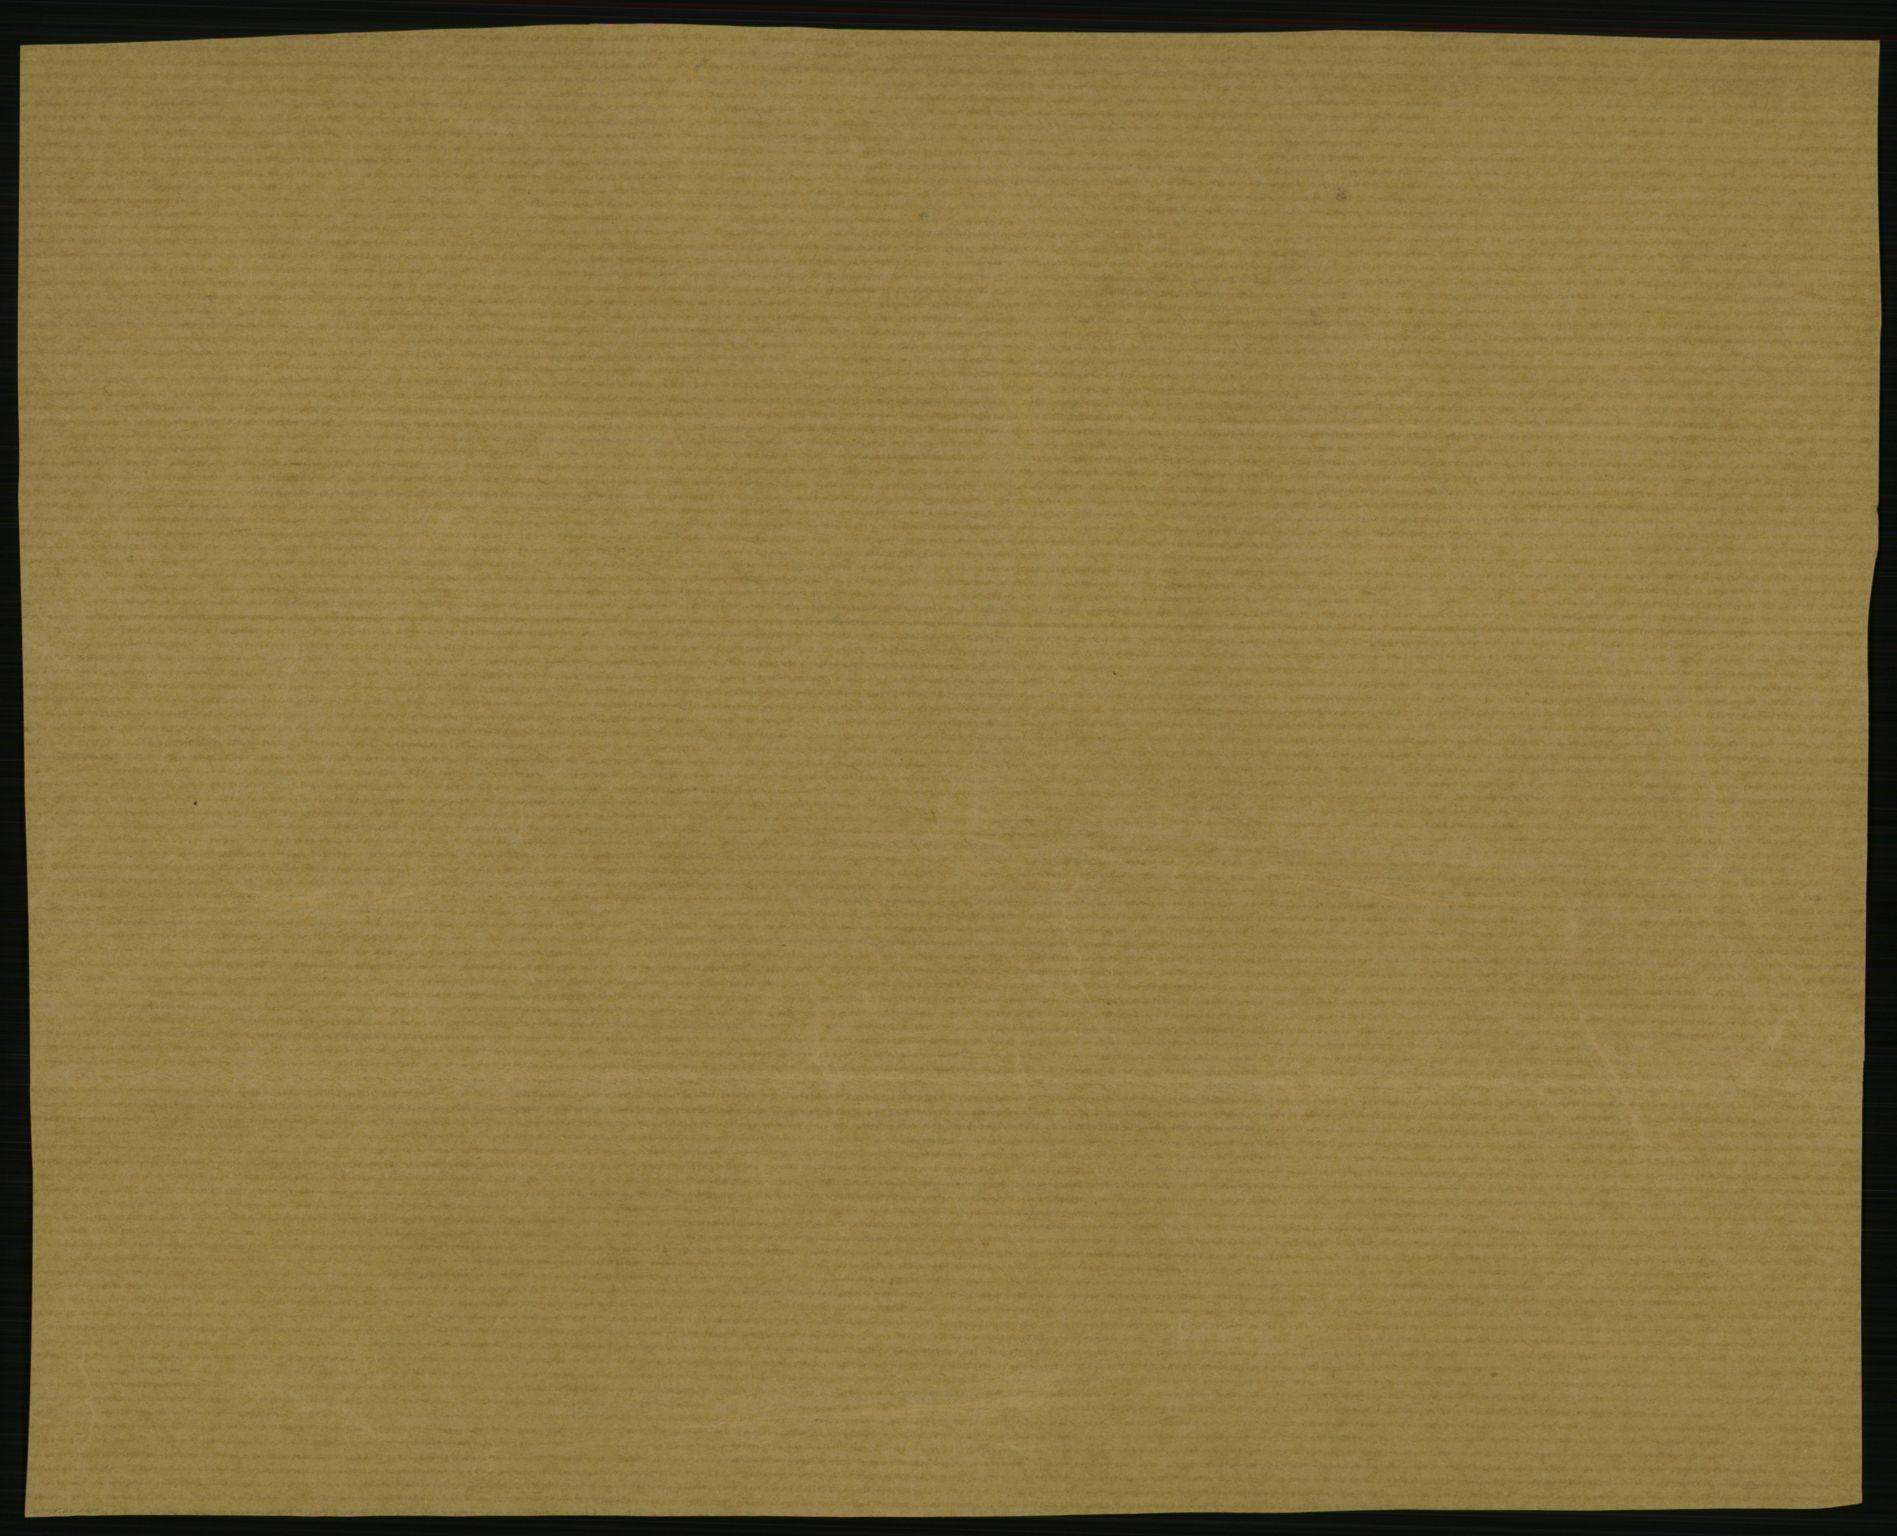 RA, Statistisk sentralbyrå, Sosiodemografiske emner, Befolkning, D/Df/Dfa/Dfaa/L0016: Romsdal amt: Fødte, gifte, døde., 1903, p. 2